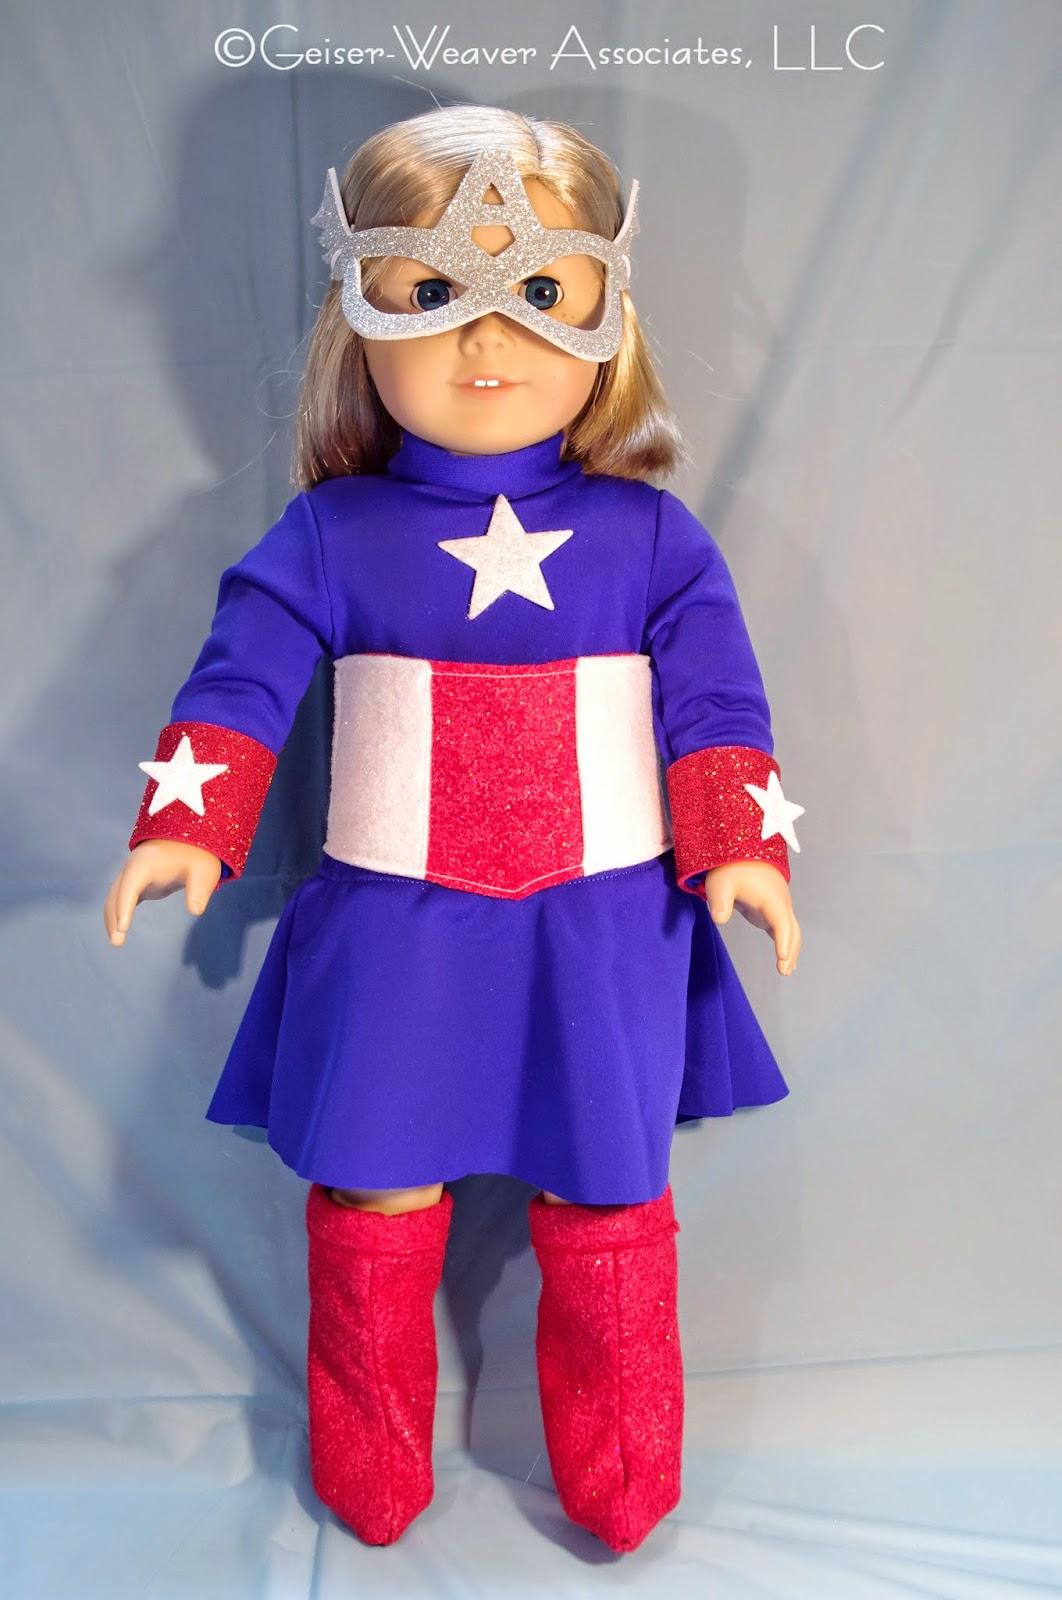 Captain America-type costume for dolls by Geiser-Weaver Associates, LLC